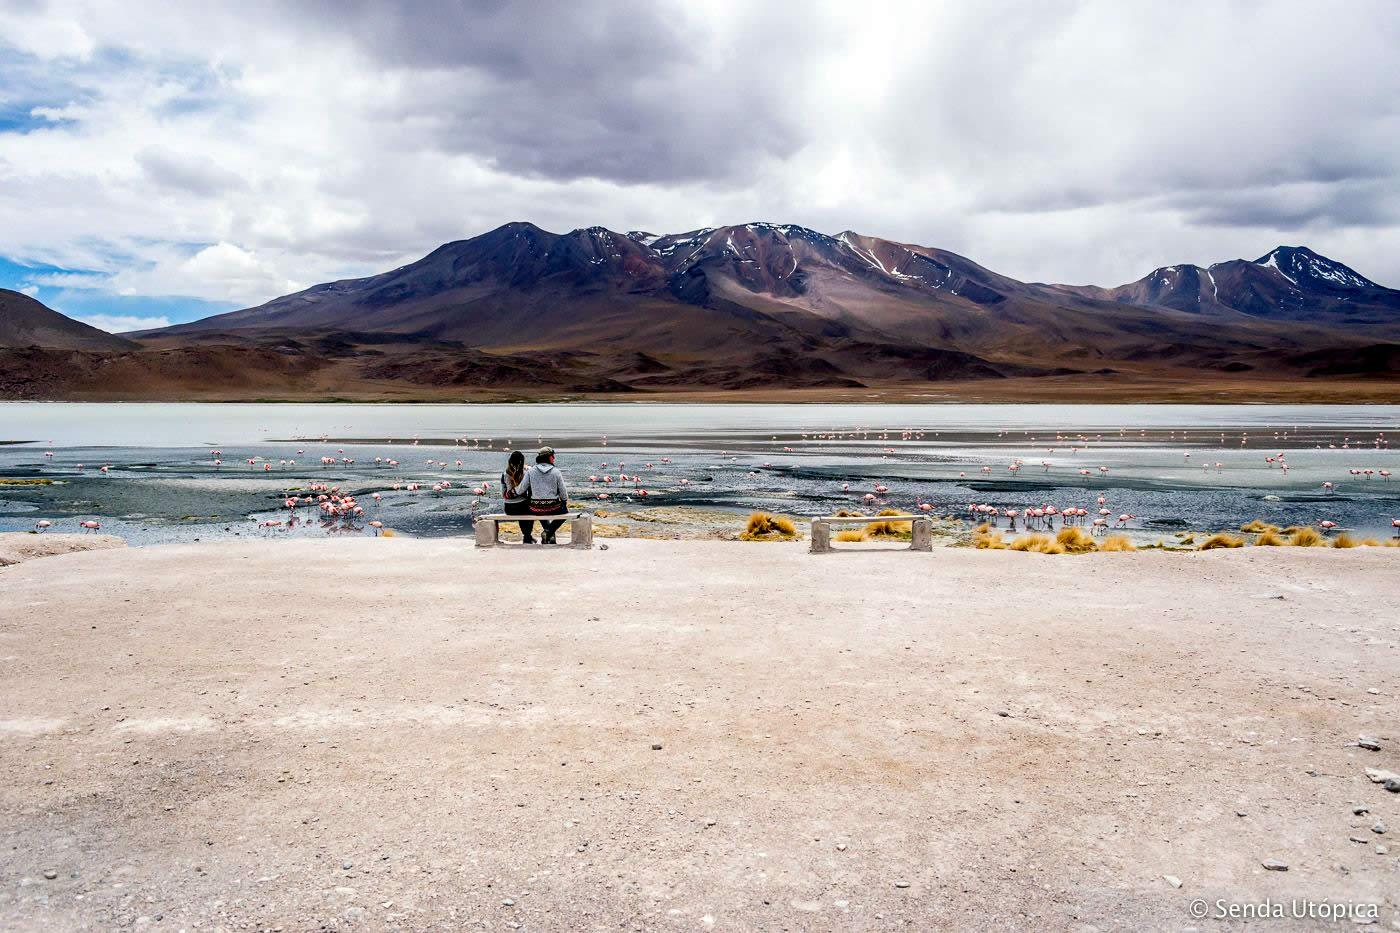 Stinking-Lagoon, Laguna Hedionda, Uyuni, Bolivia